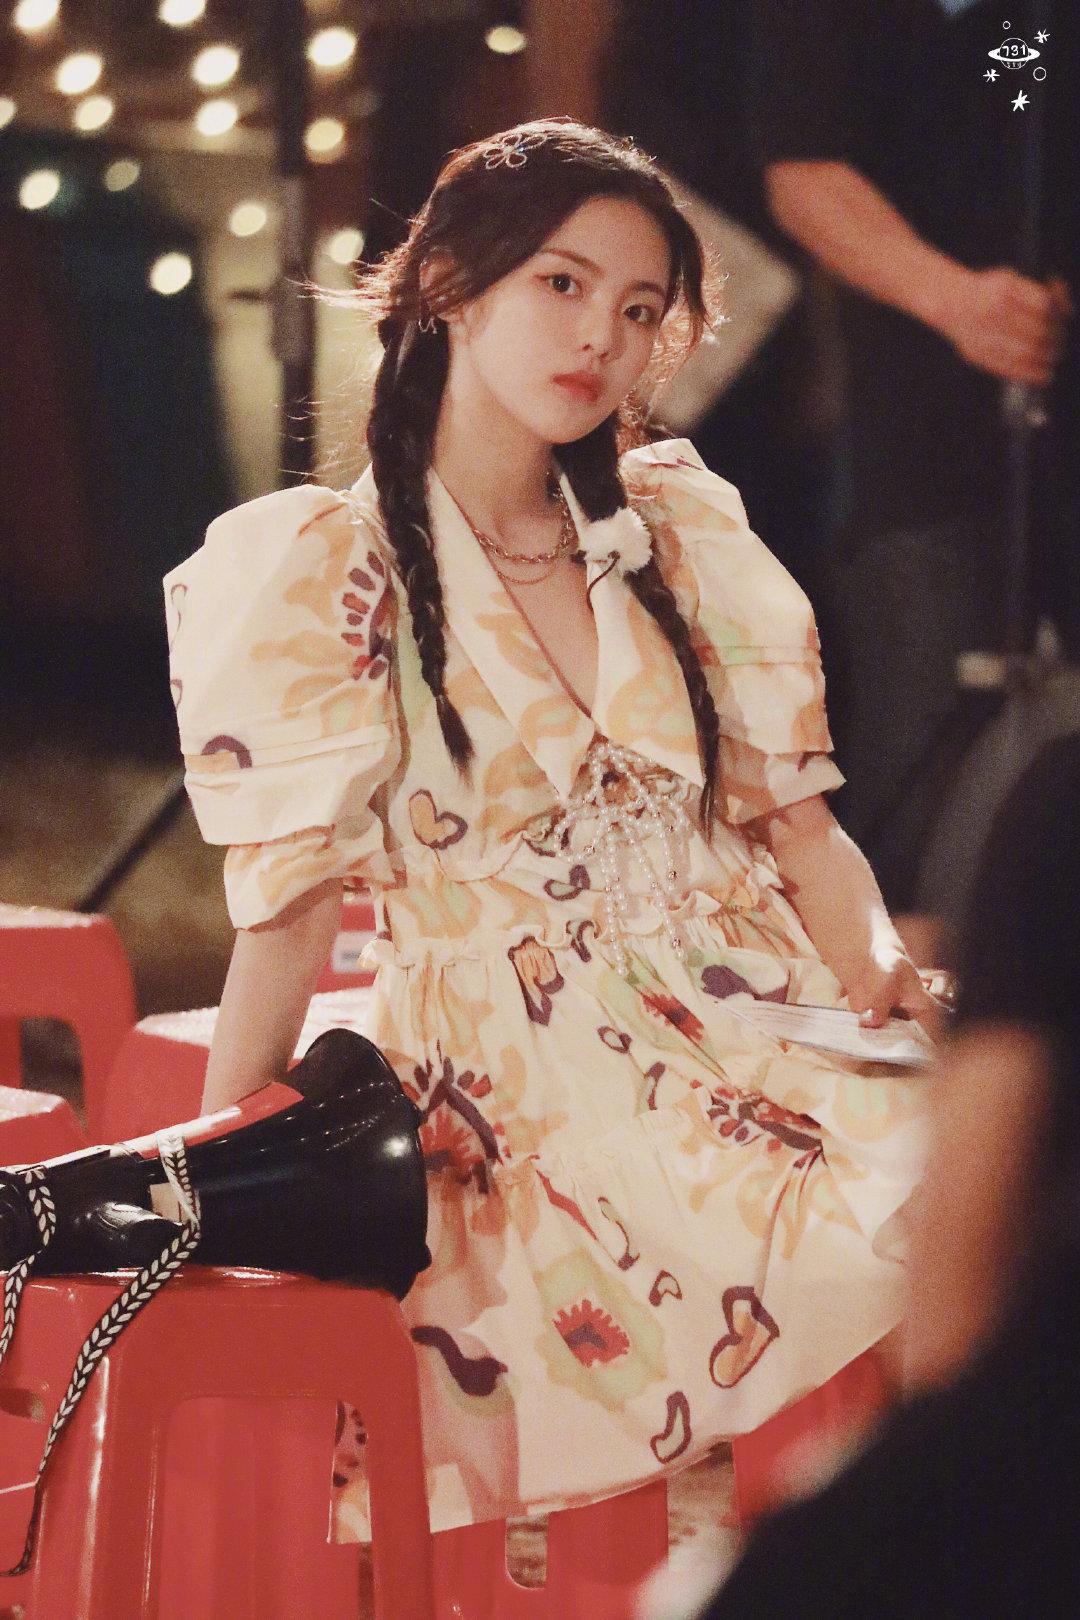 杨超越|一则私服分享✨珍珠蝴蝶结宫廷袖百褶连衣裙下搭白色钻扣凉鞋